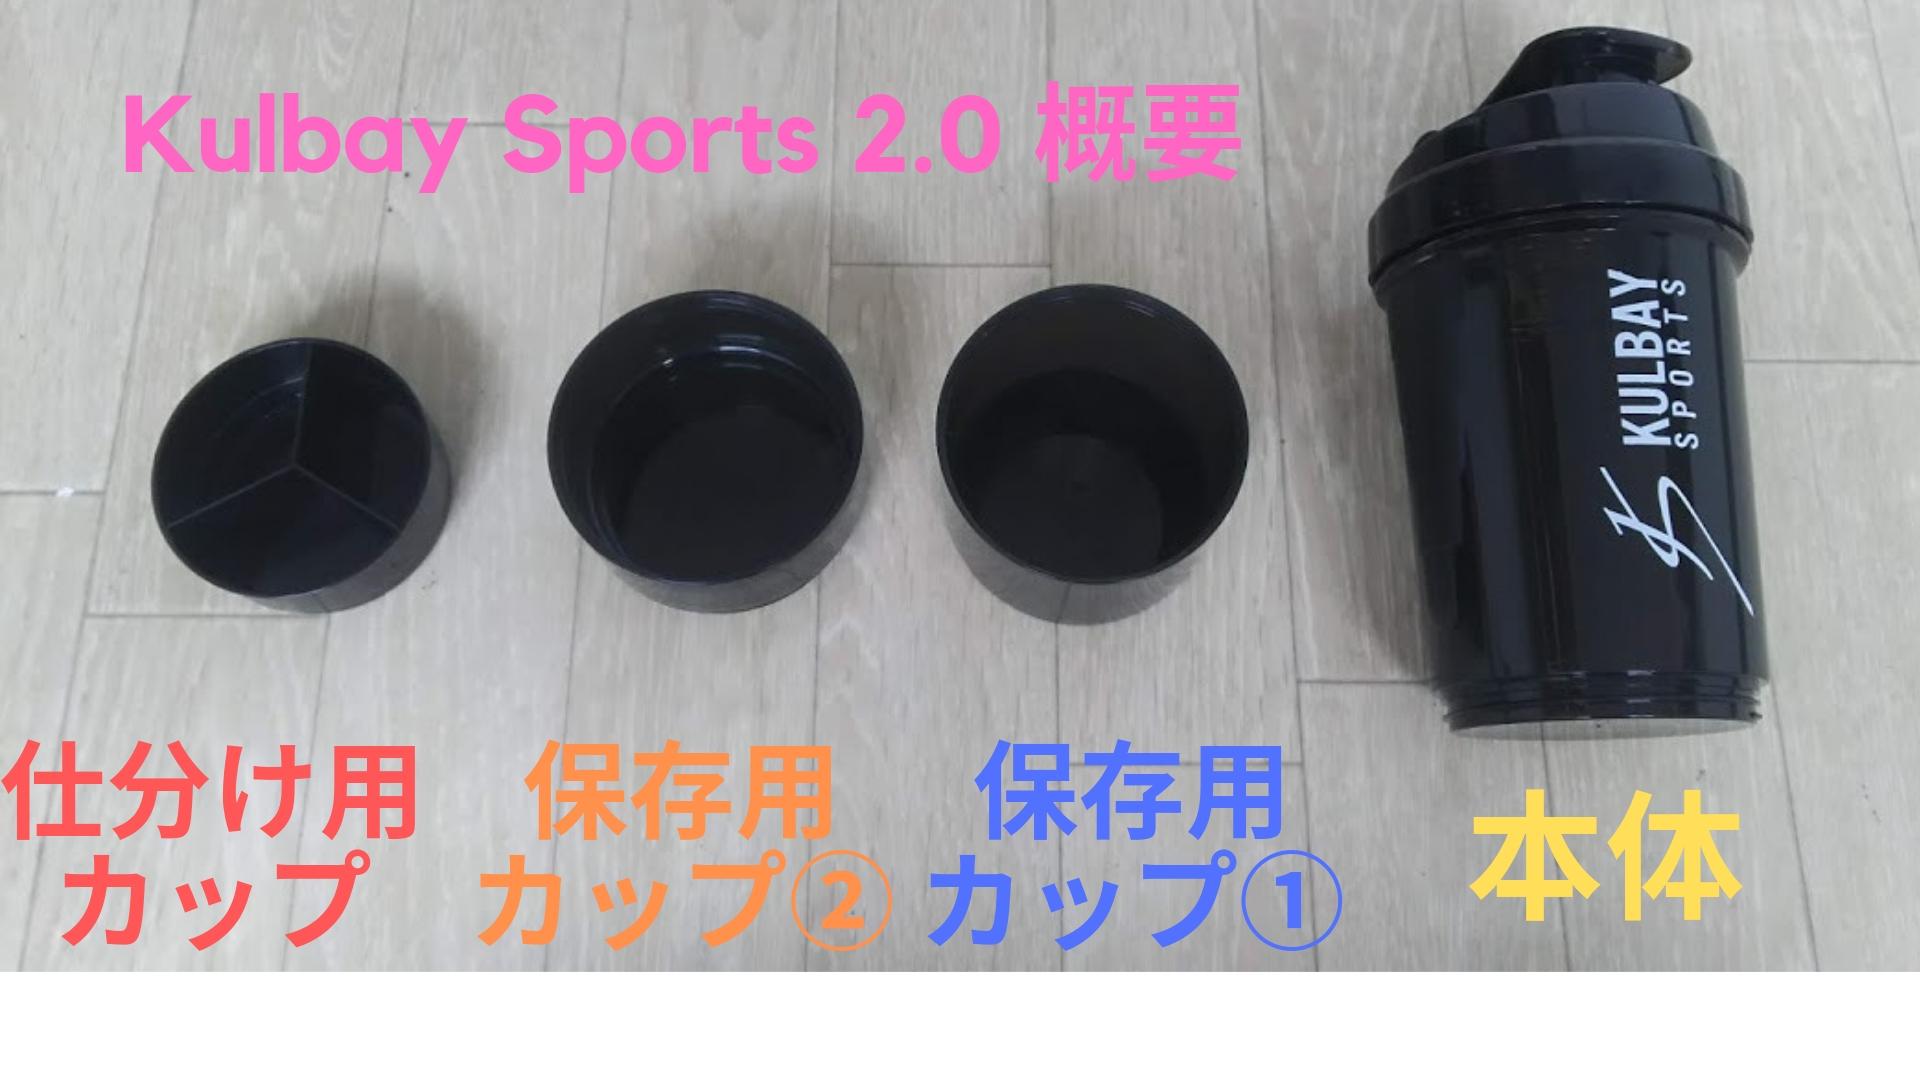 Kulbay Sports 2.0